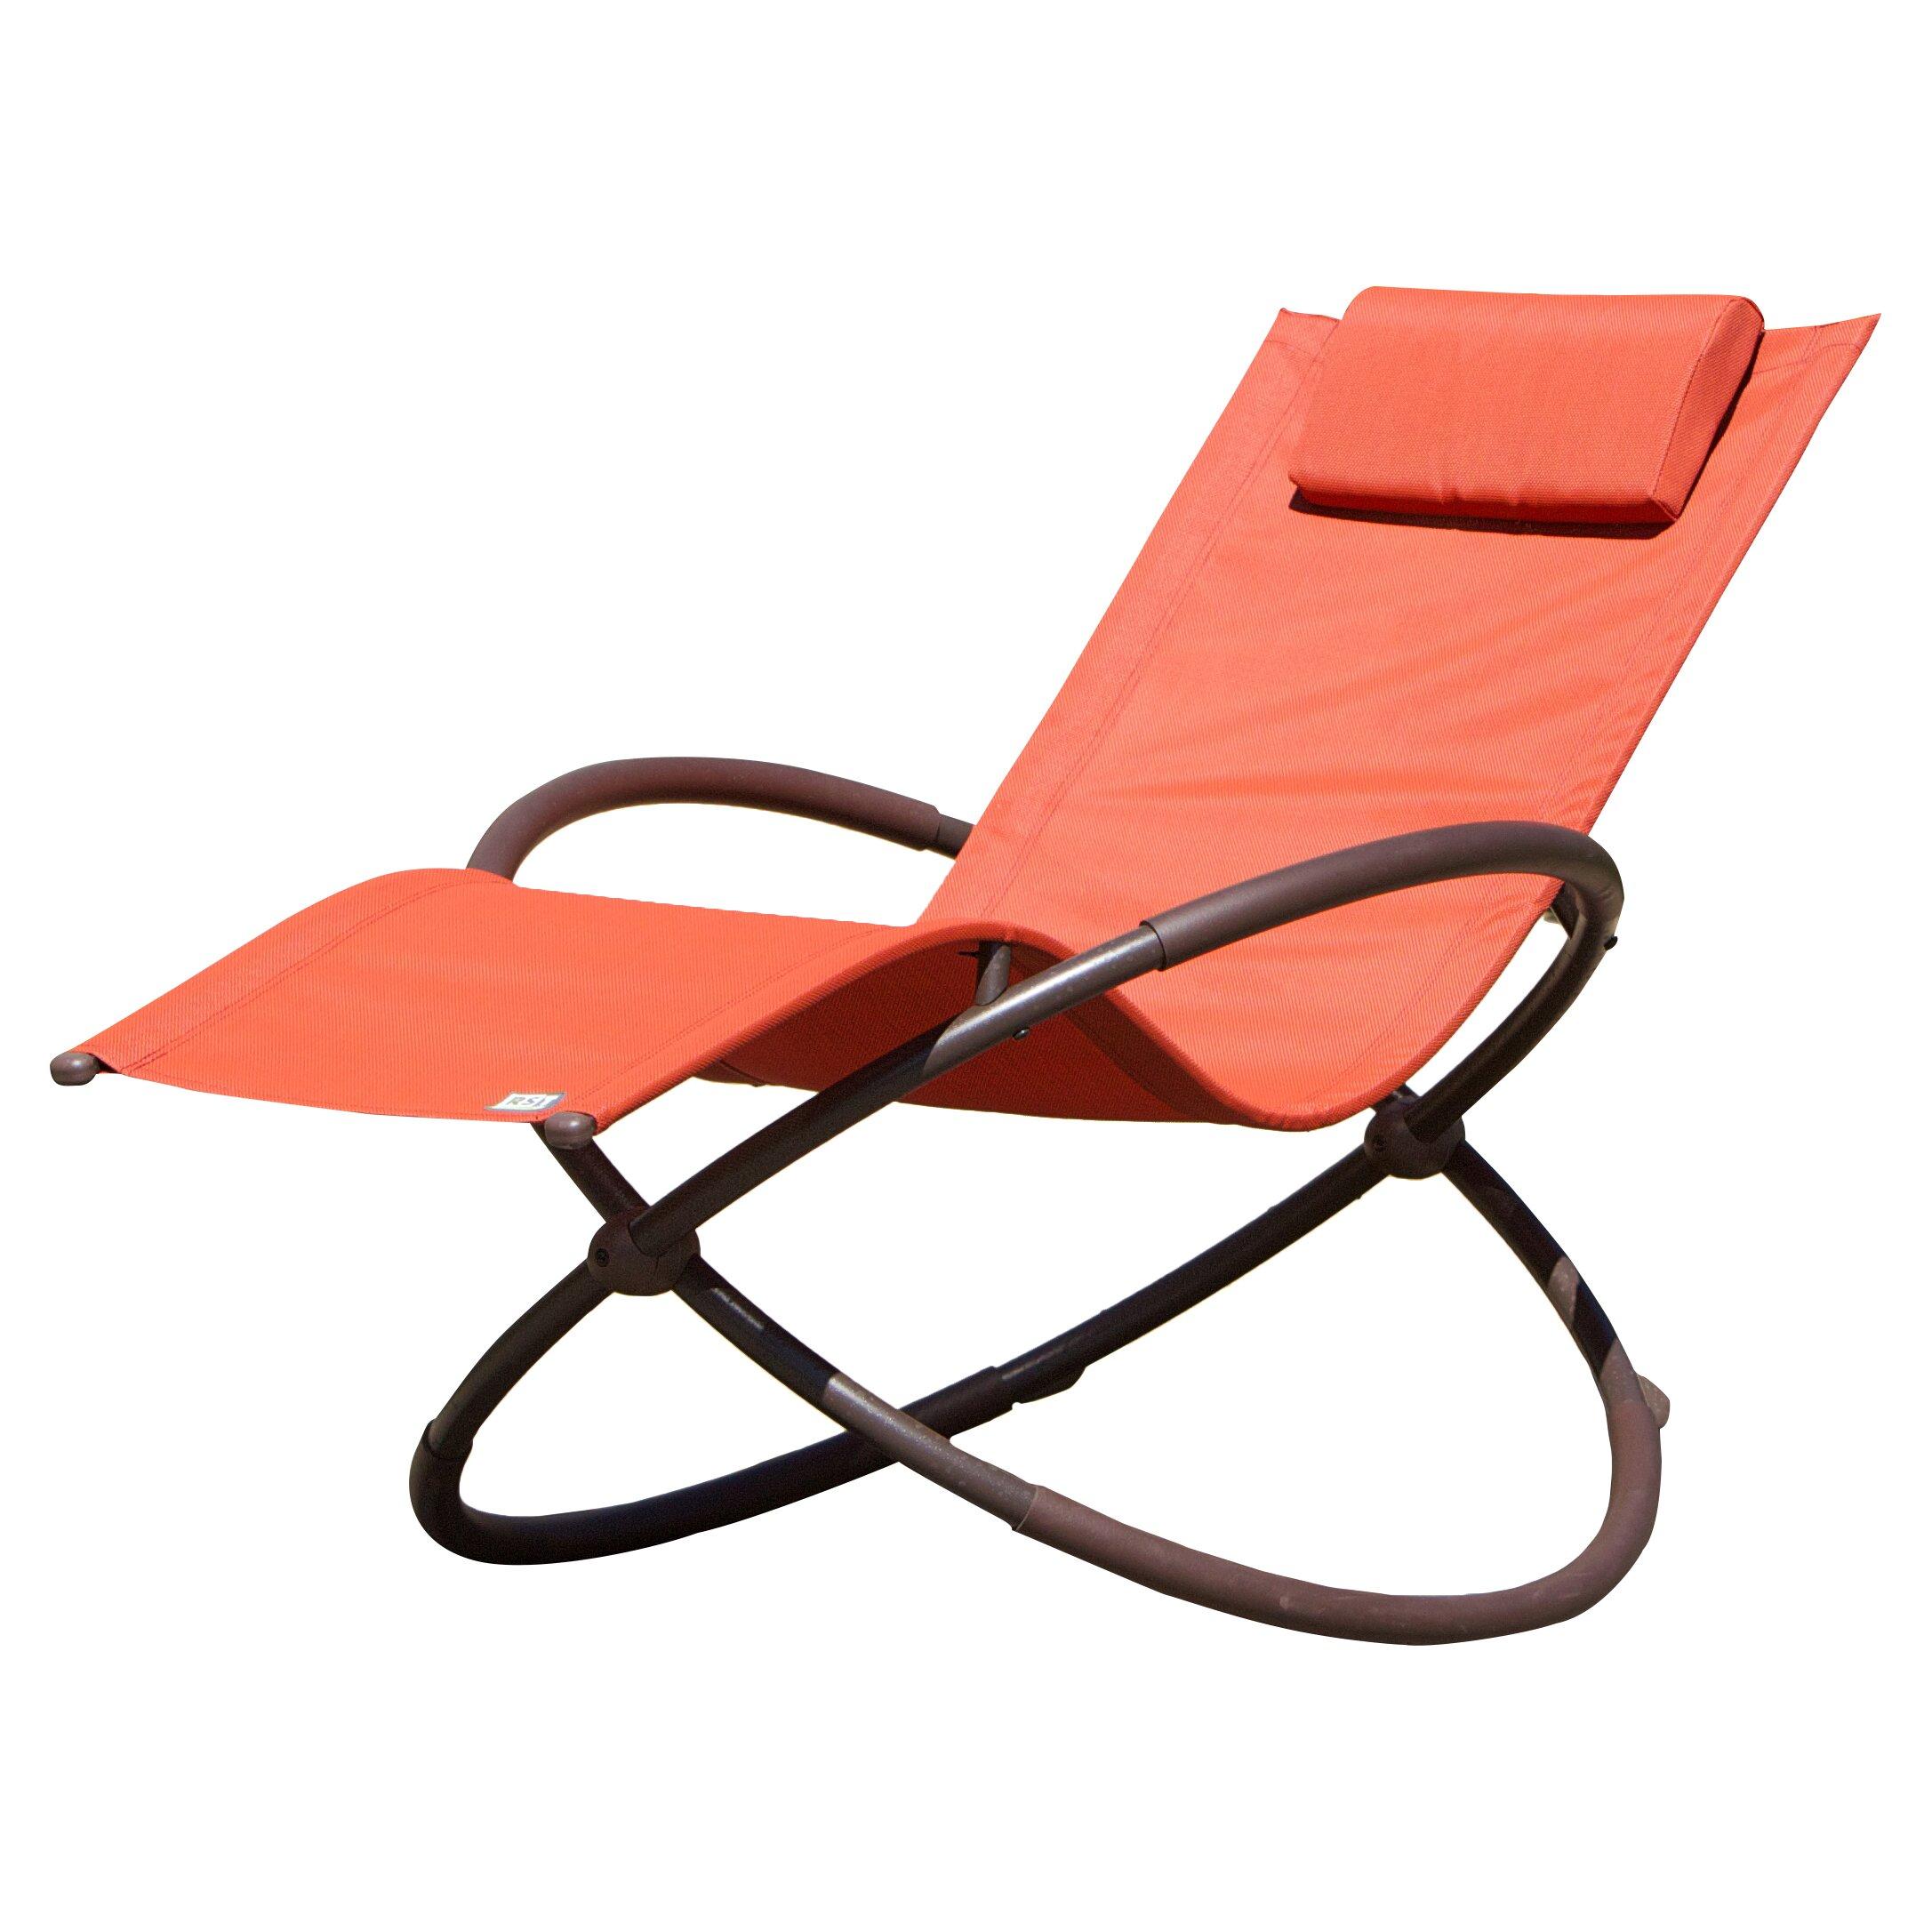 Rst Brands Outdoor Original Orbital Zero Gravity Chair